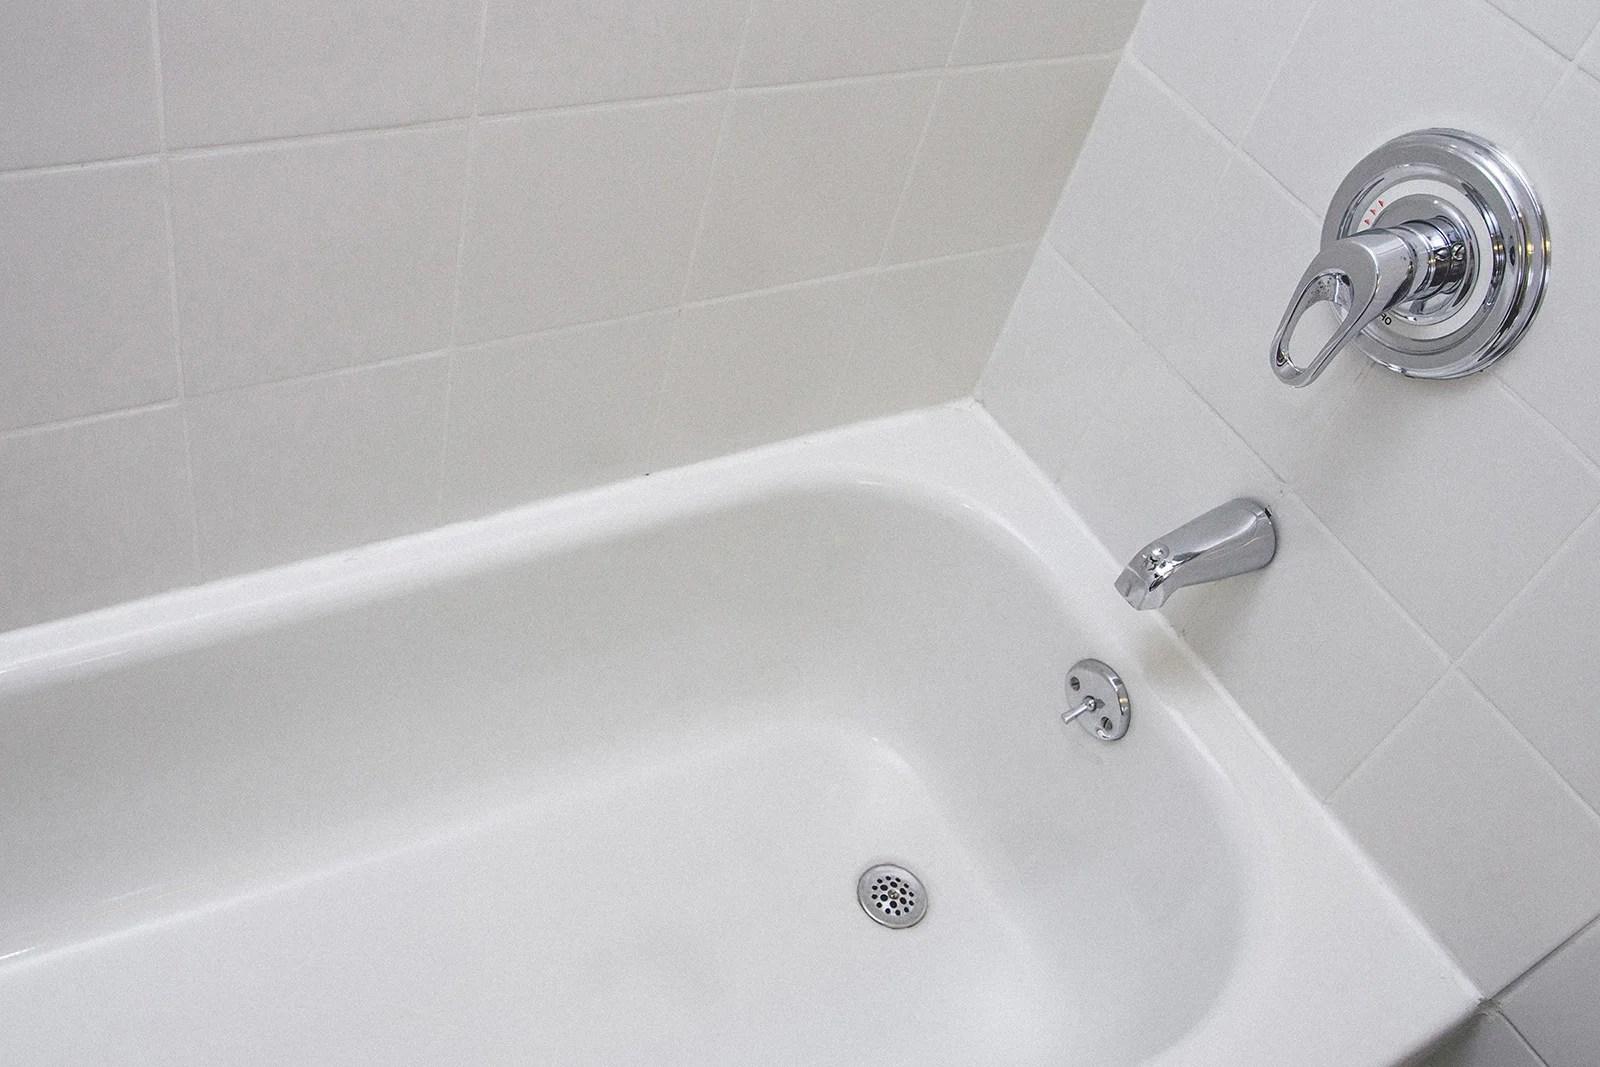 diy bathtub repair tips home matters